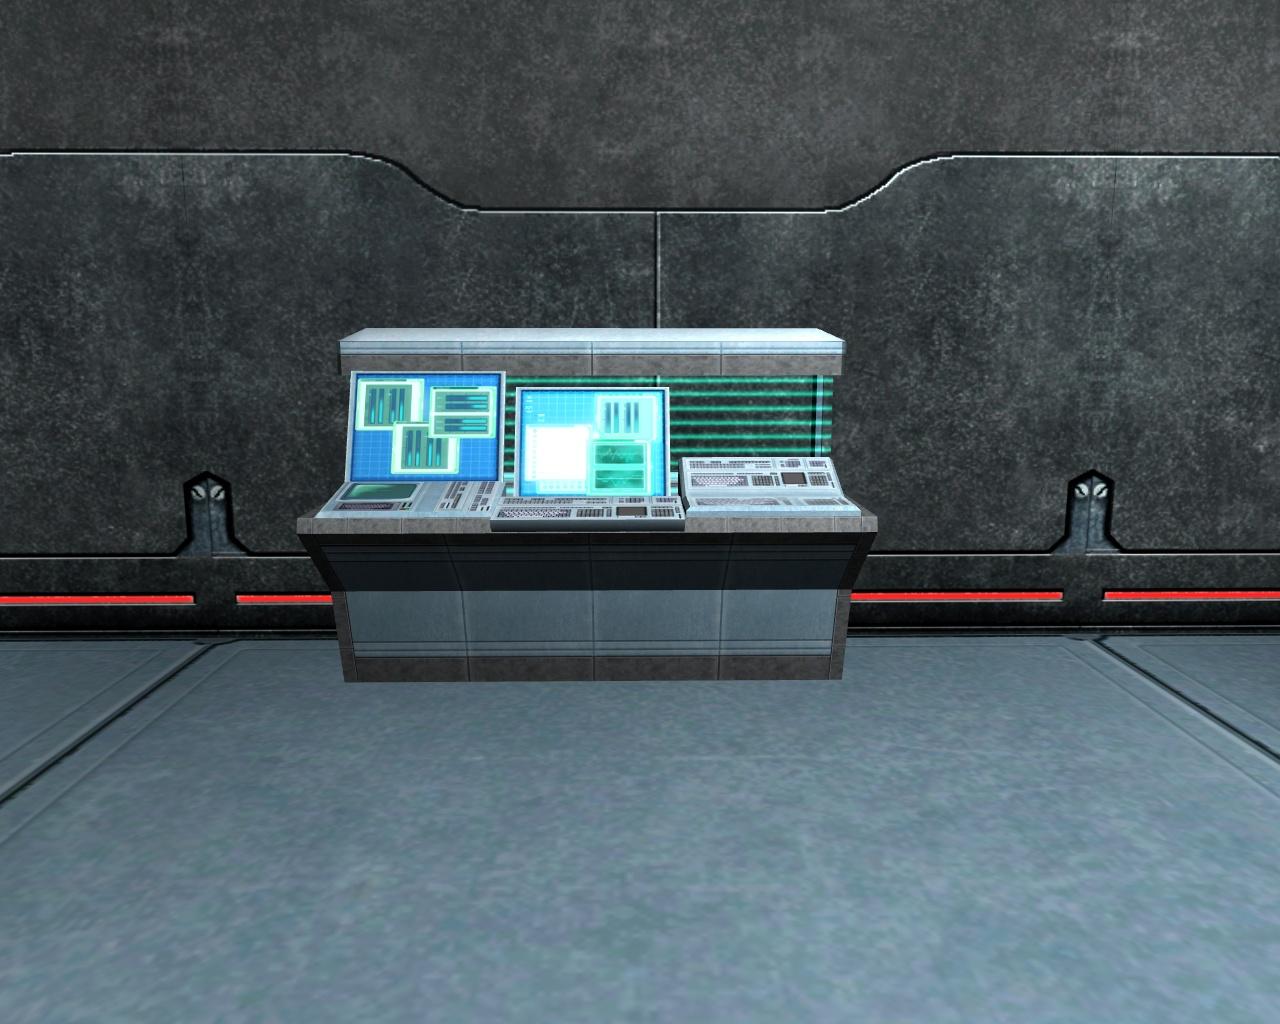 Advanced Terminal